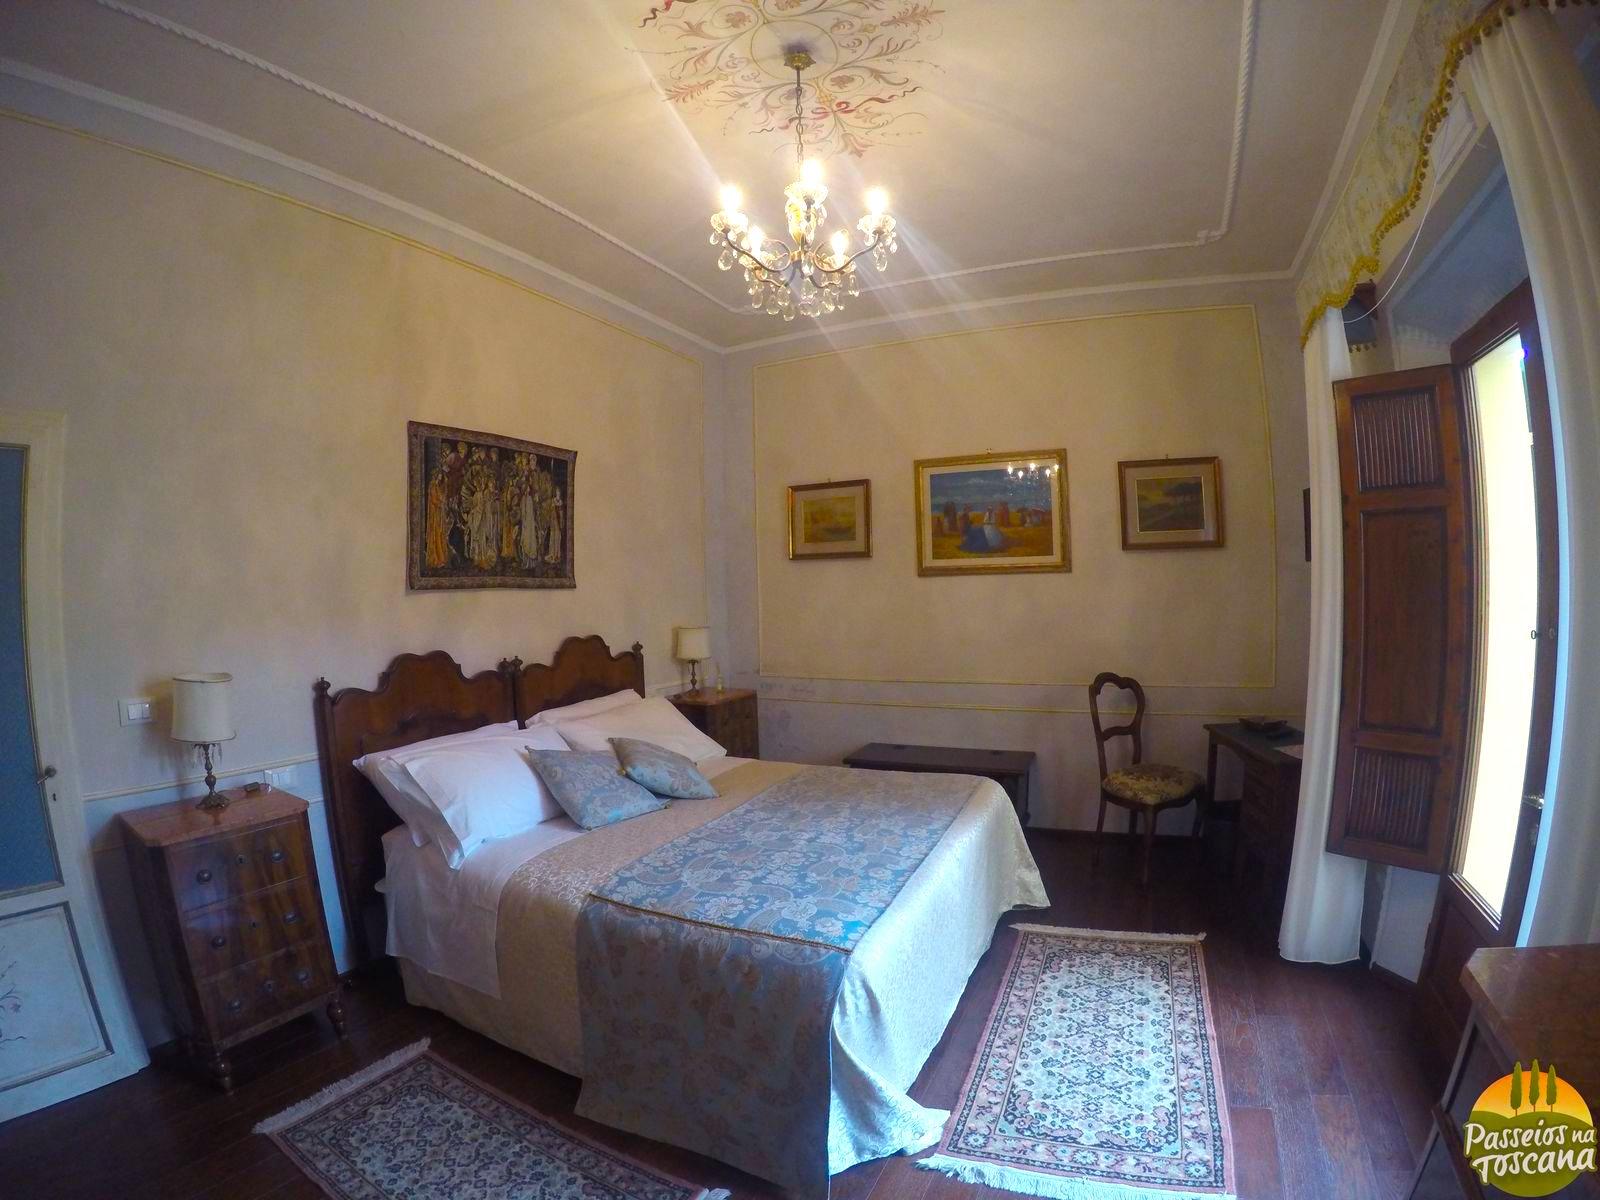 HOTEL RESIDENZA DEI RICCI CHIUSI 4 1 1024x768